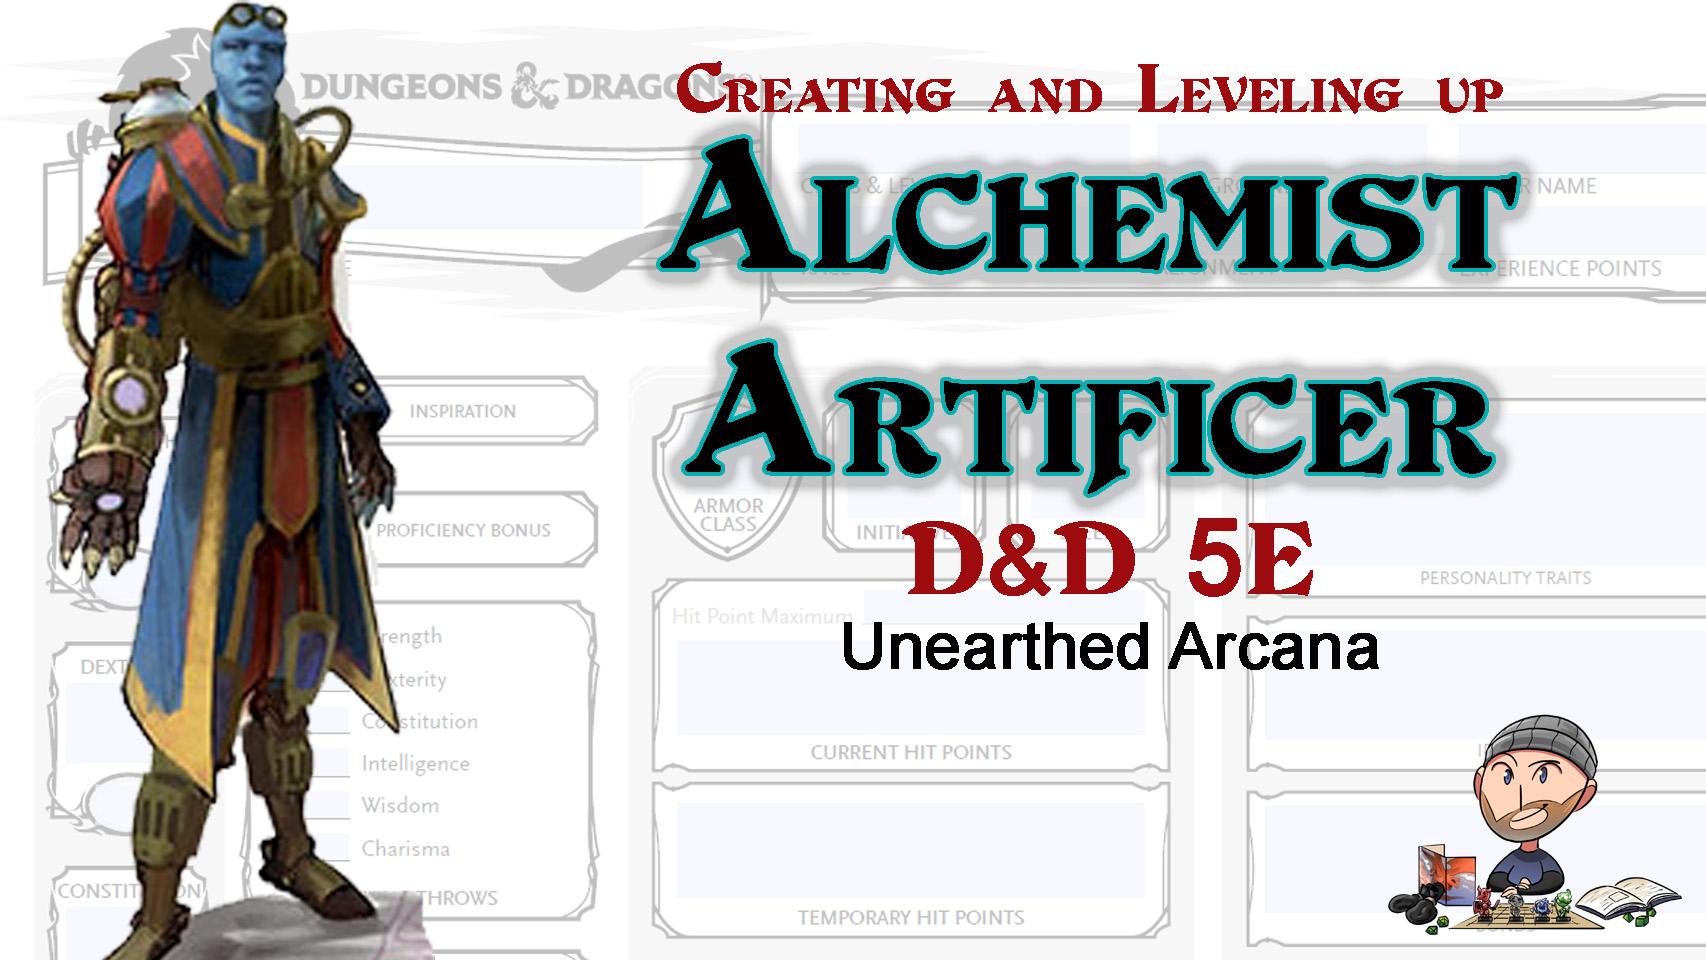 Alchemist Artificer D&D 5E